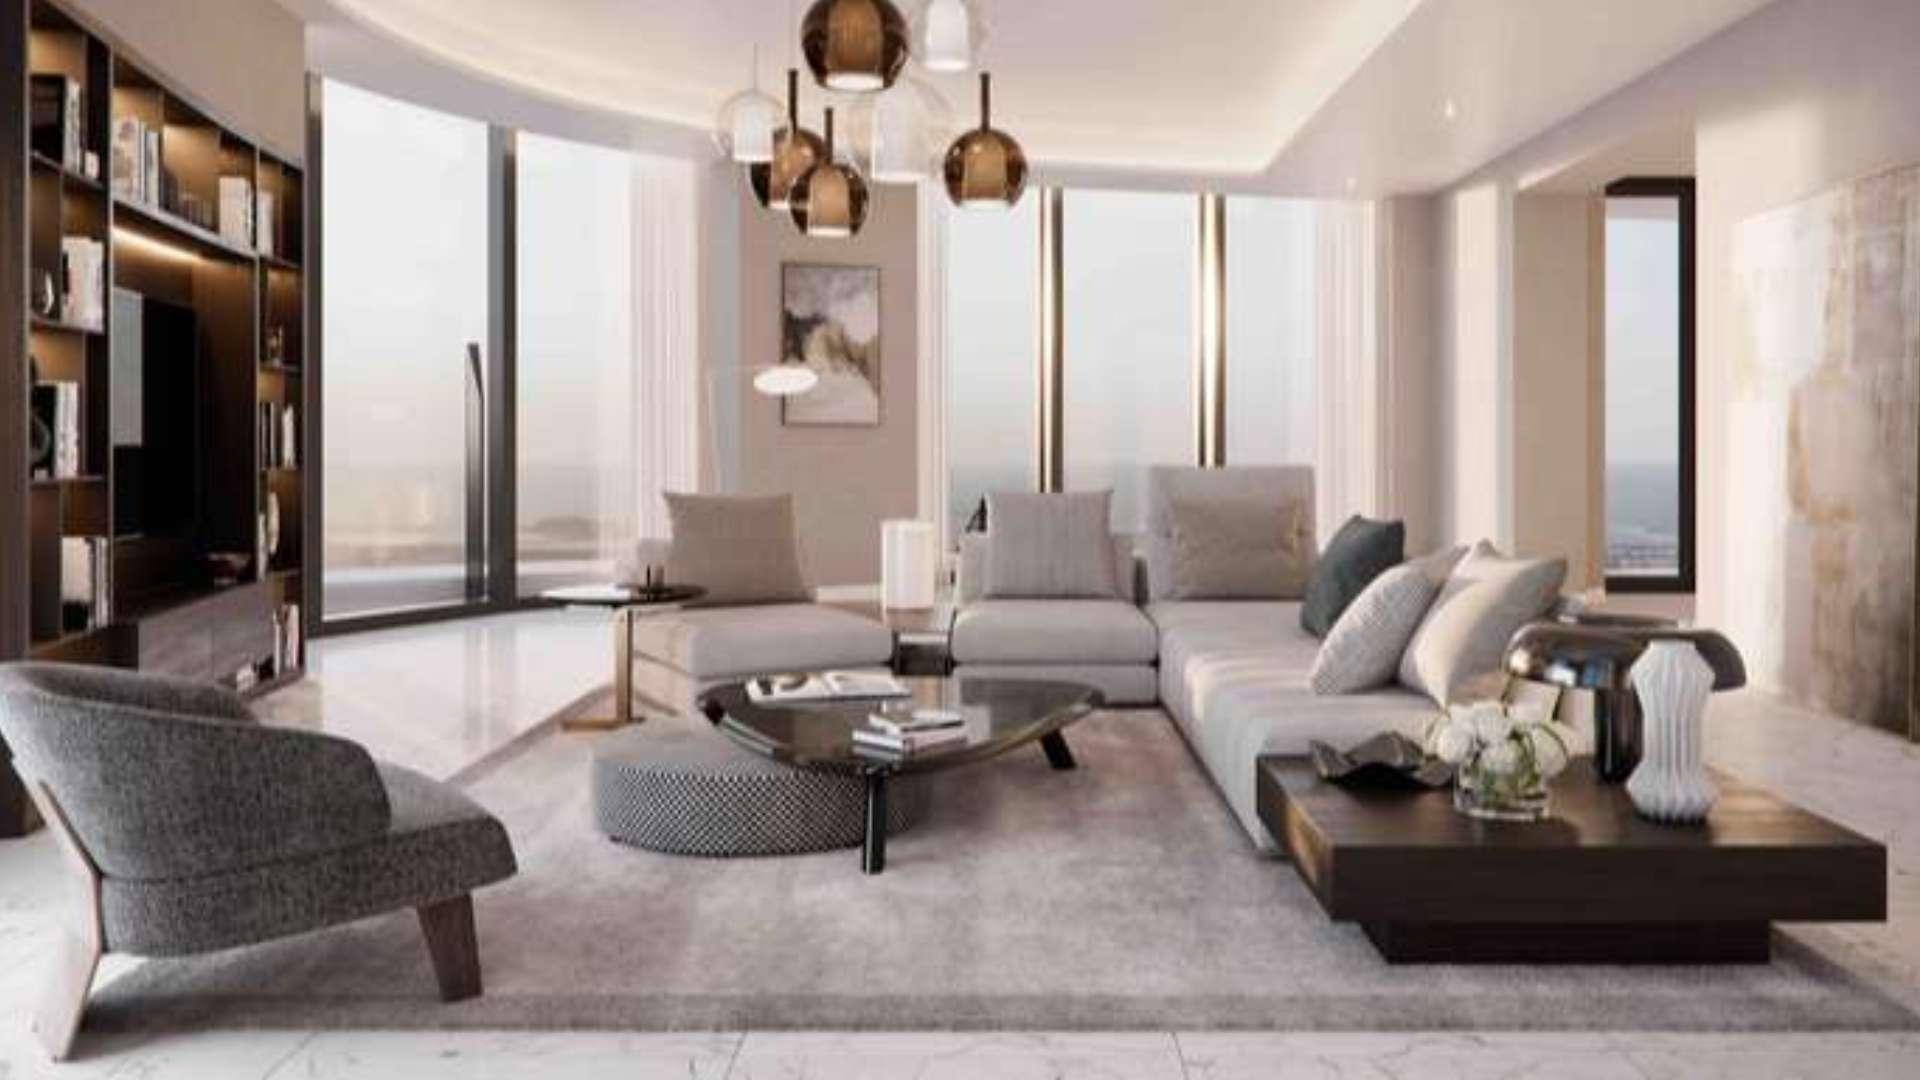 Ático en venta en Dubai, EAU, 5 dormitorios, 1068 m2, № 24320 – foto 1